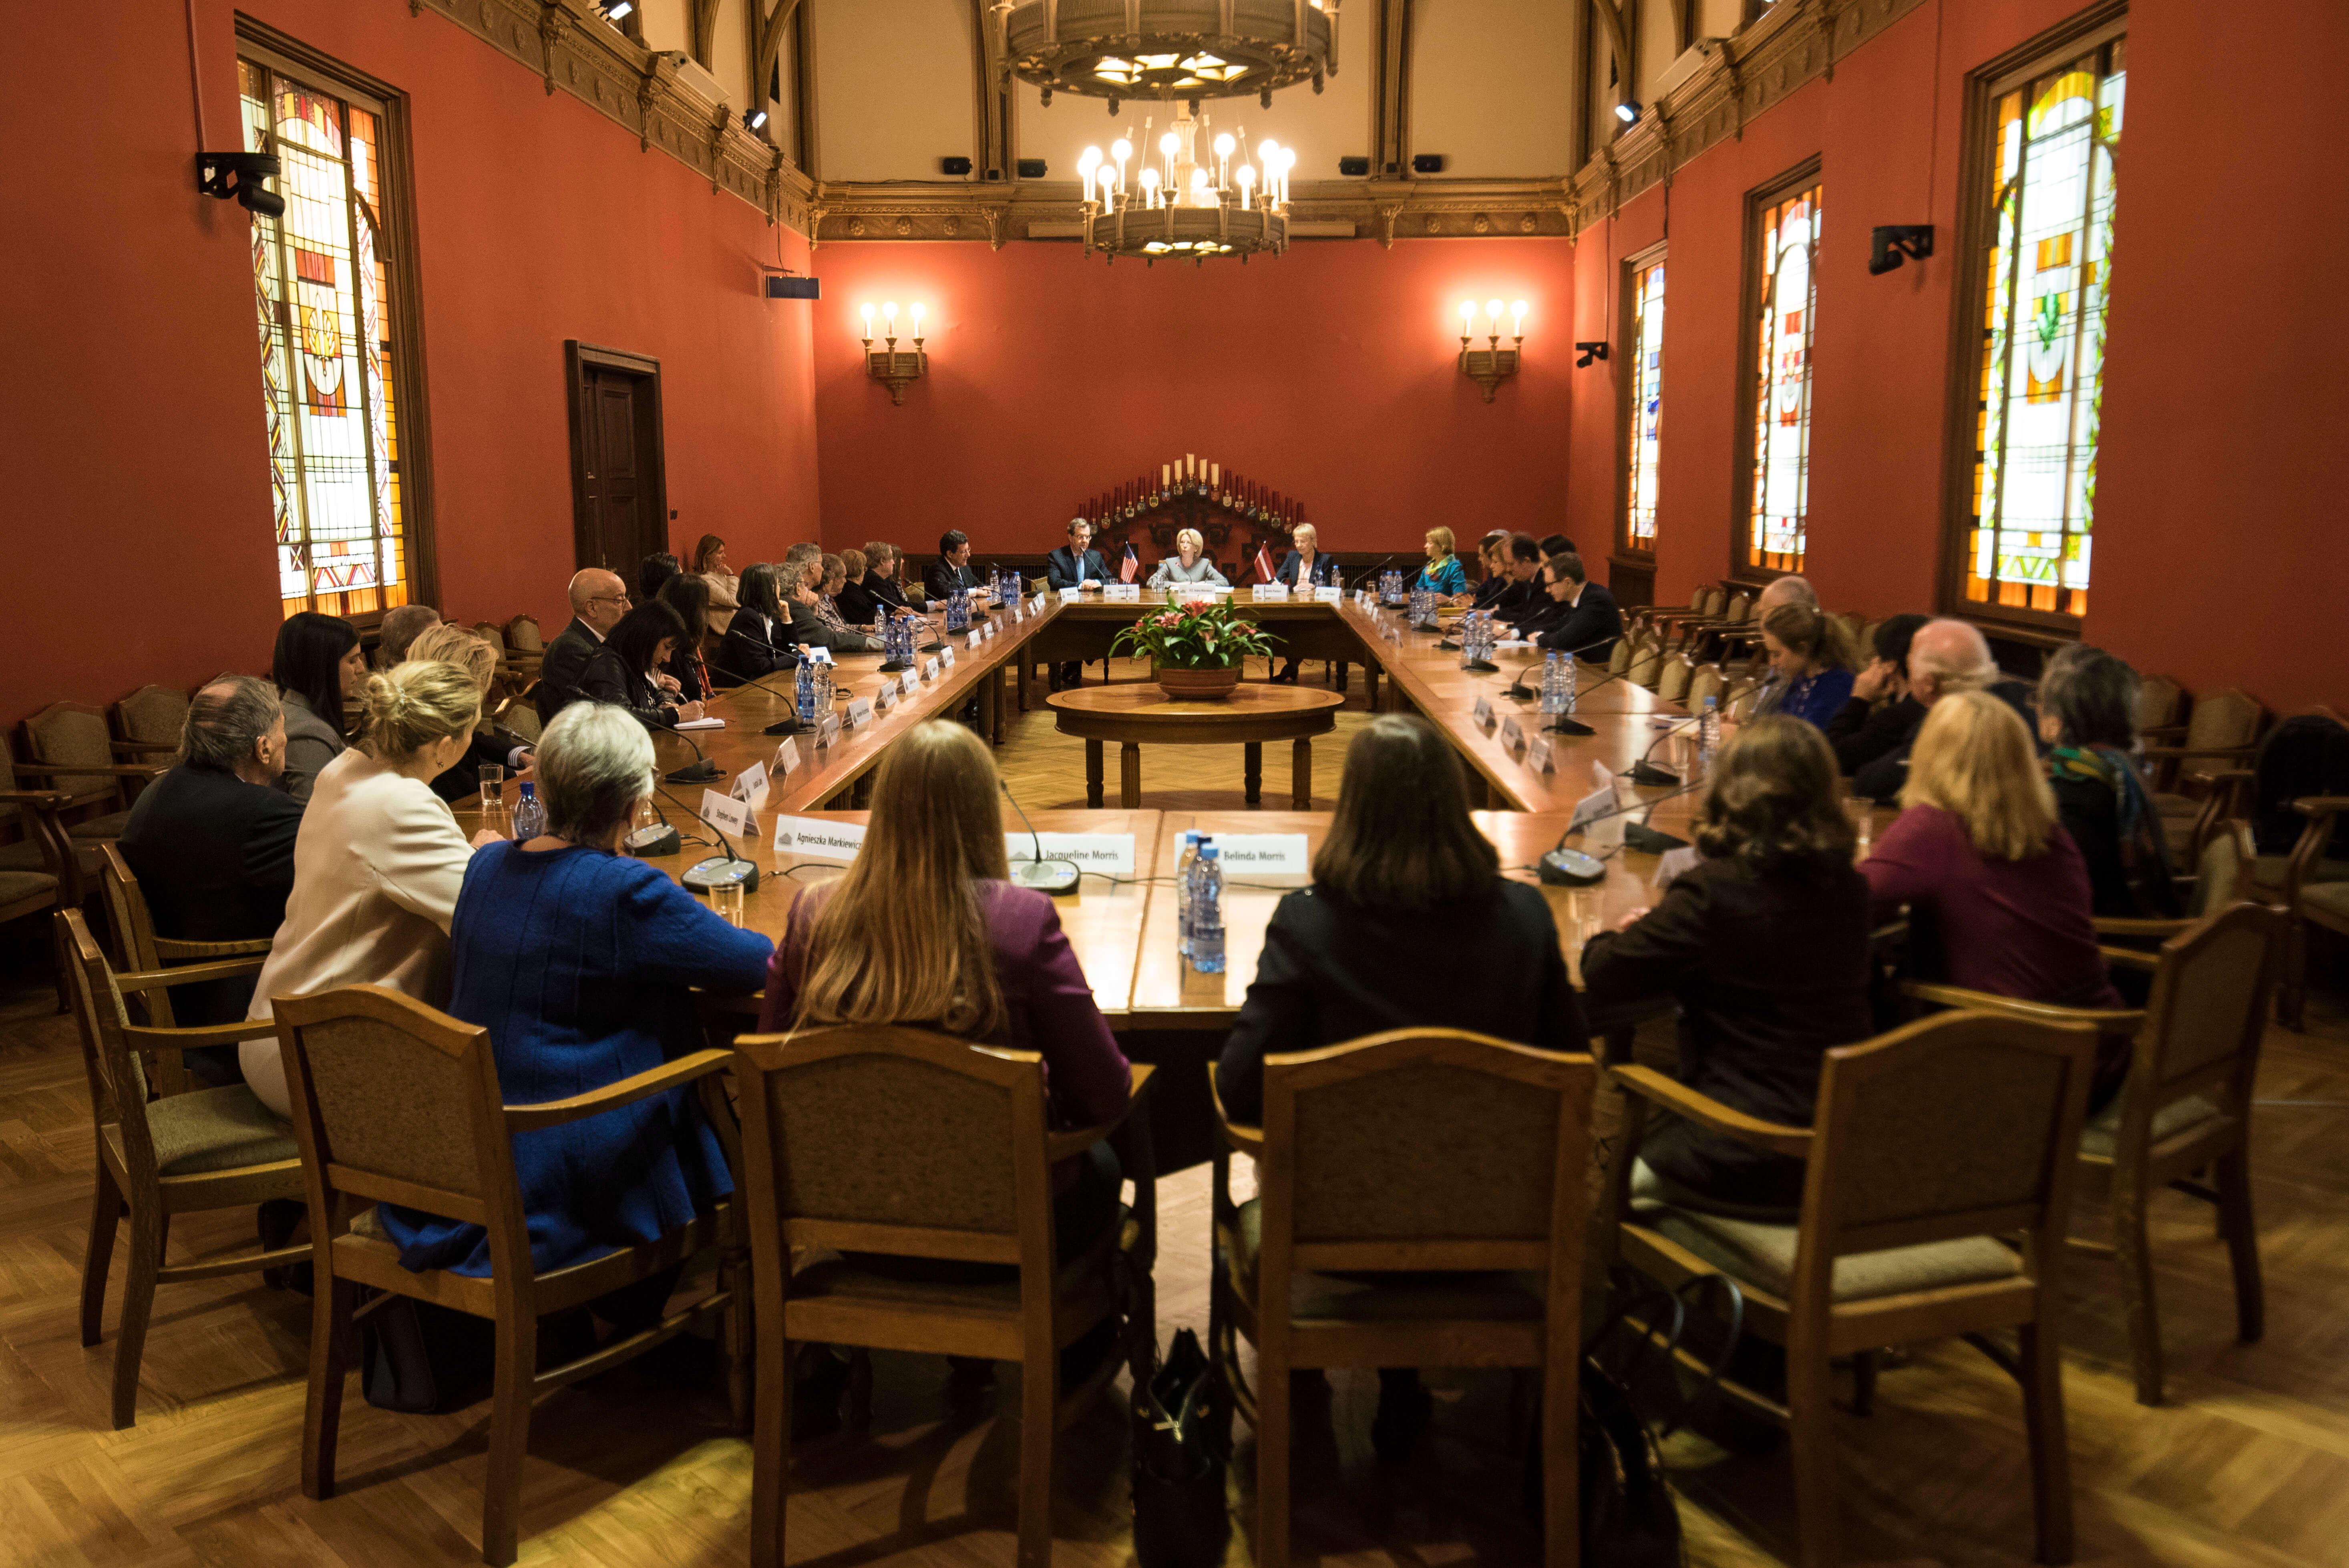 Foto: Reinis Inkēns, Saeimas Administrācija